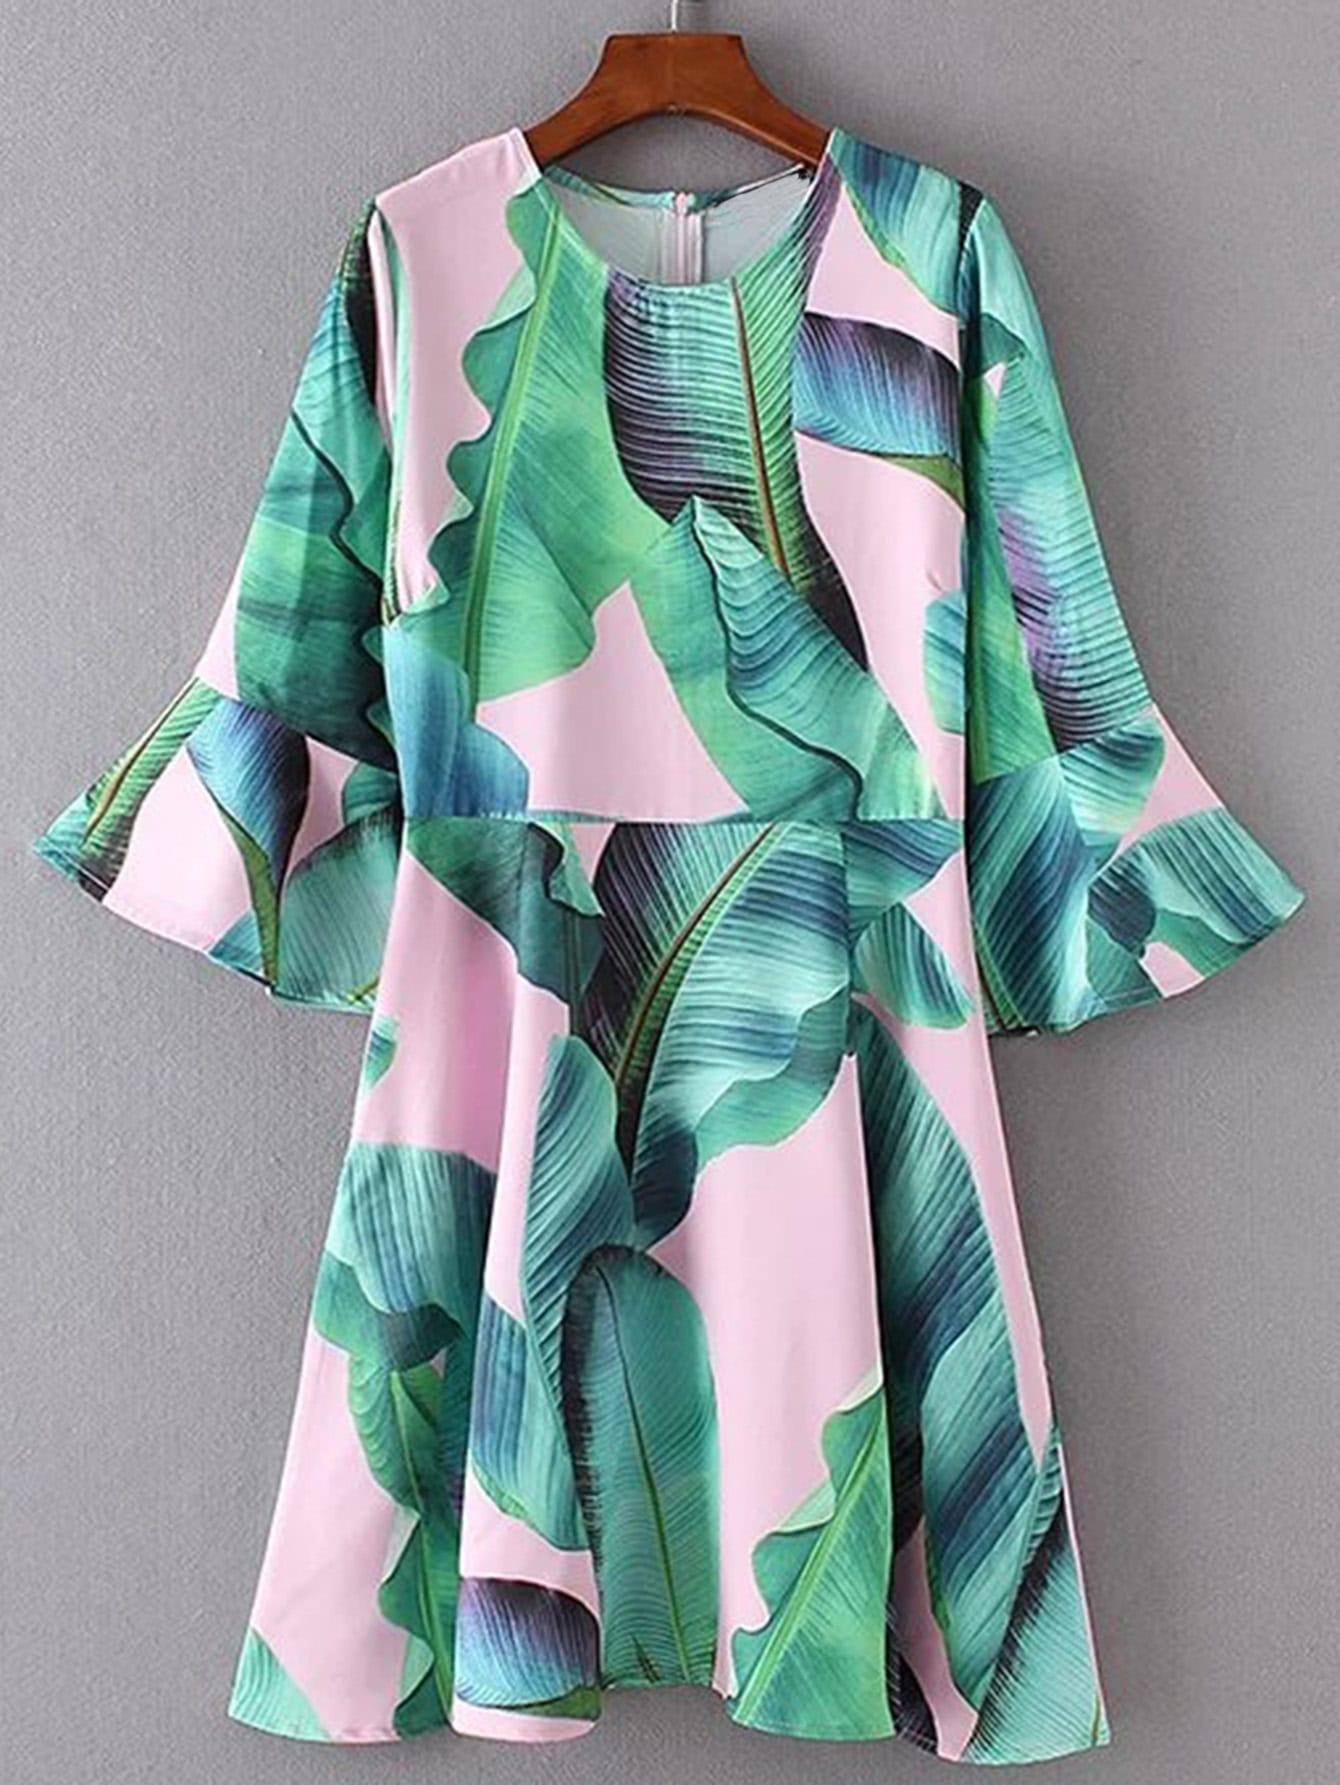 dress170412201_2